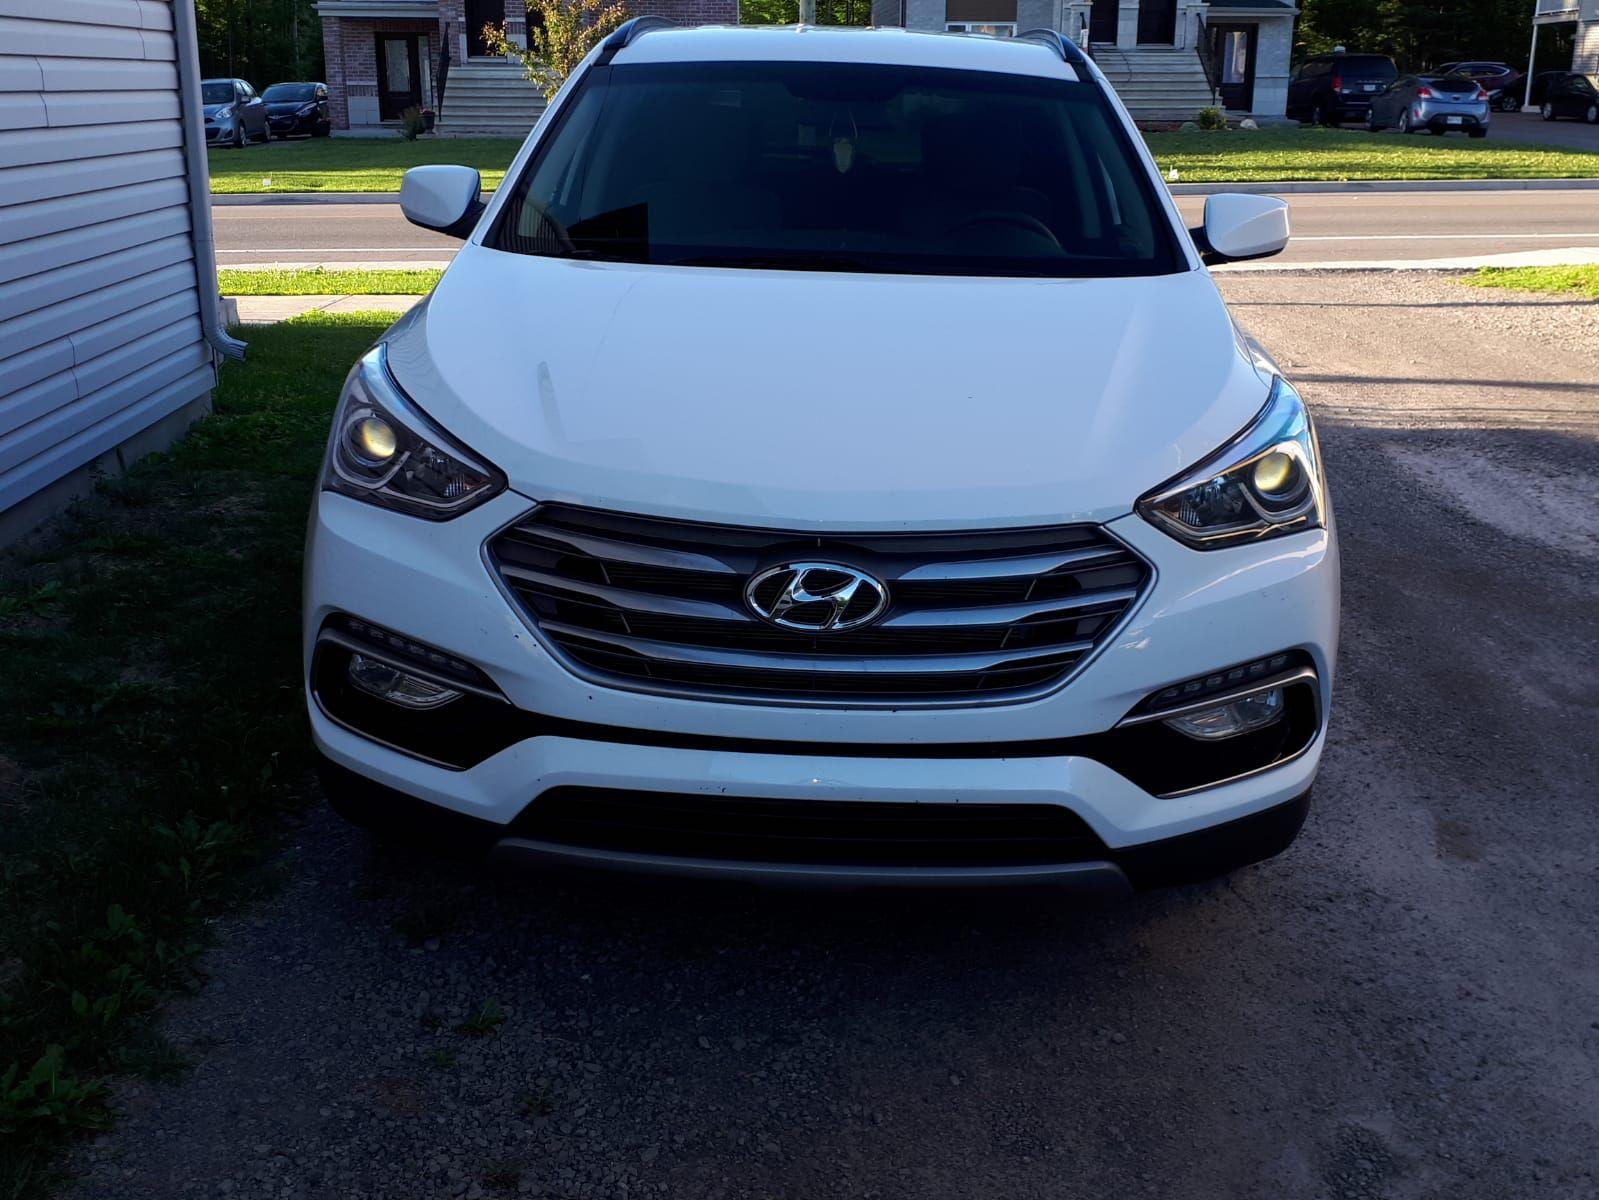 HYUNDAI SANTE FE 2018 SPORT je met en vente une Hyundai